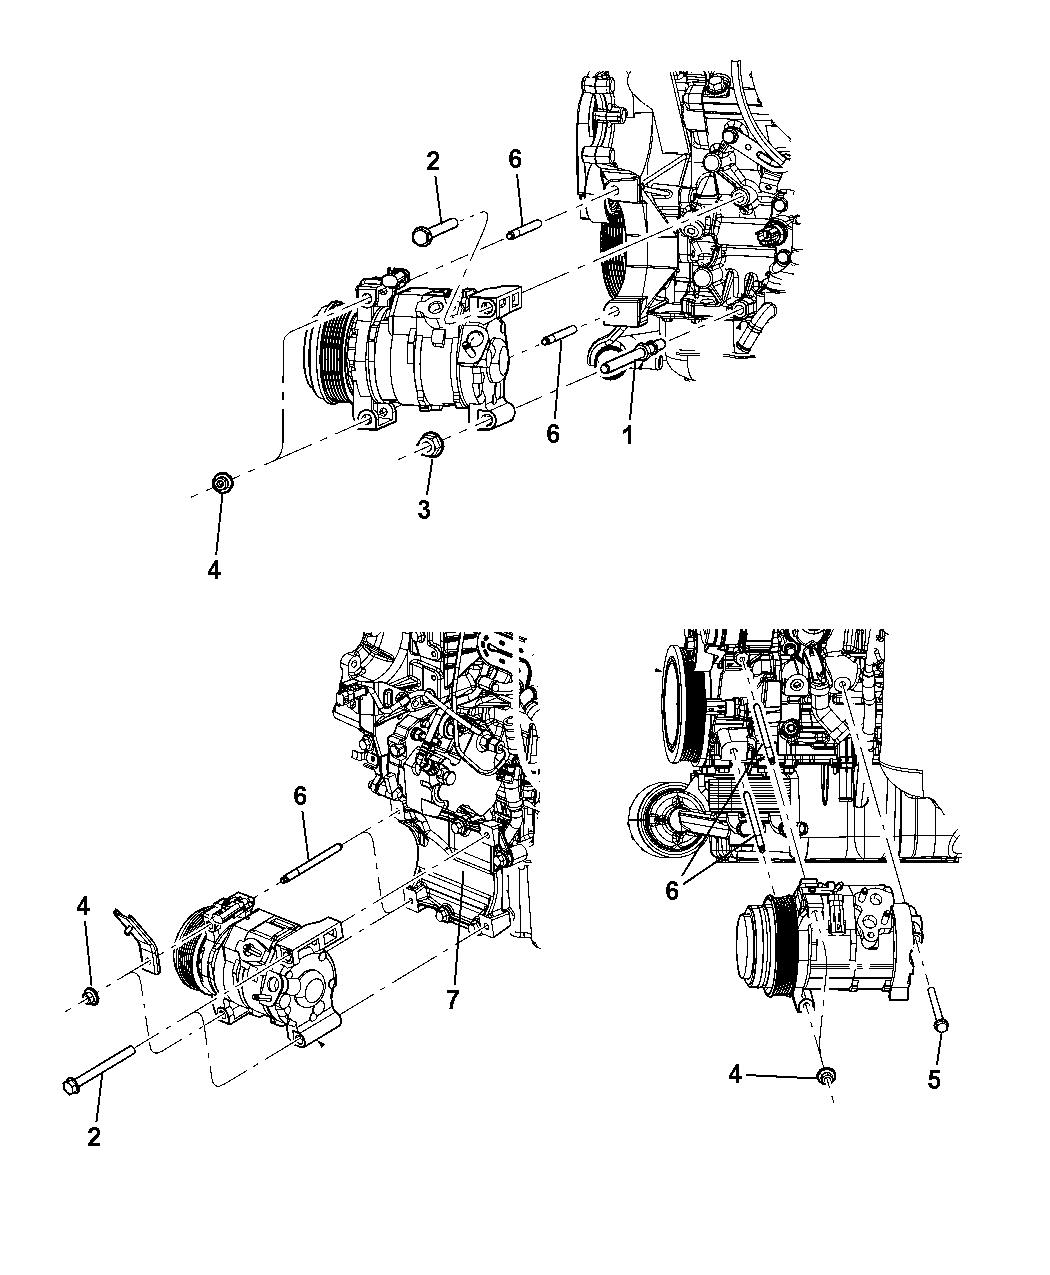 2010 dodge grand caravan a c compressor mounting 1995 Dodge Caravan Vacuum Diagram A C Controls